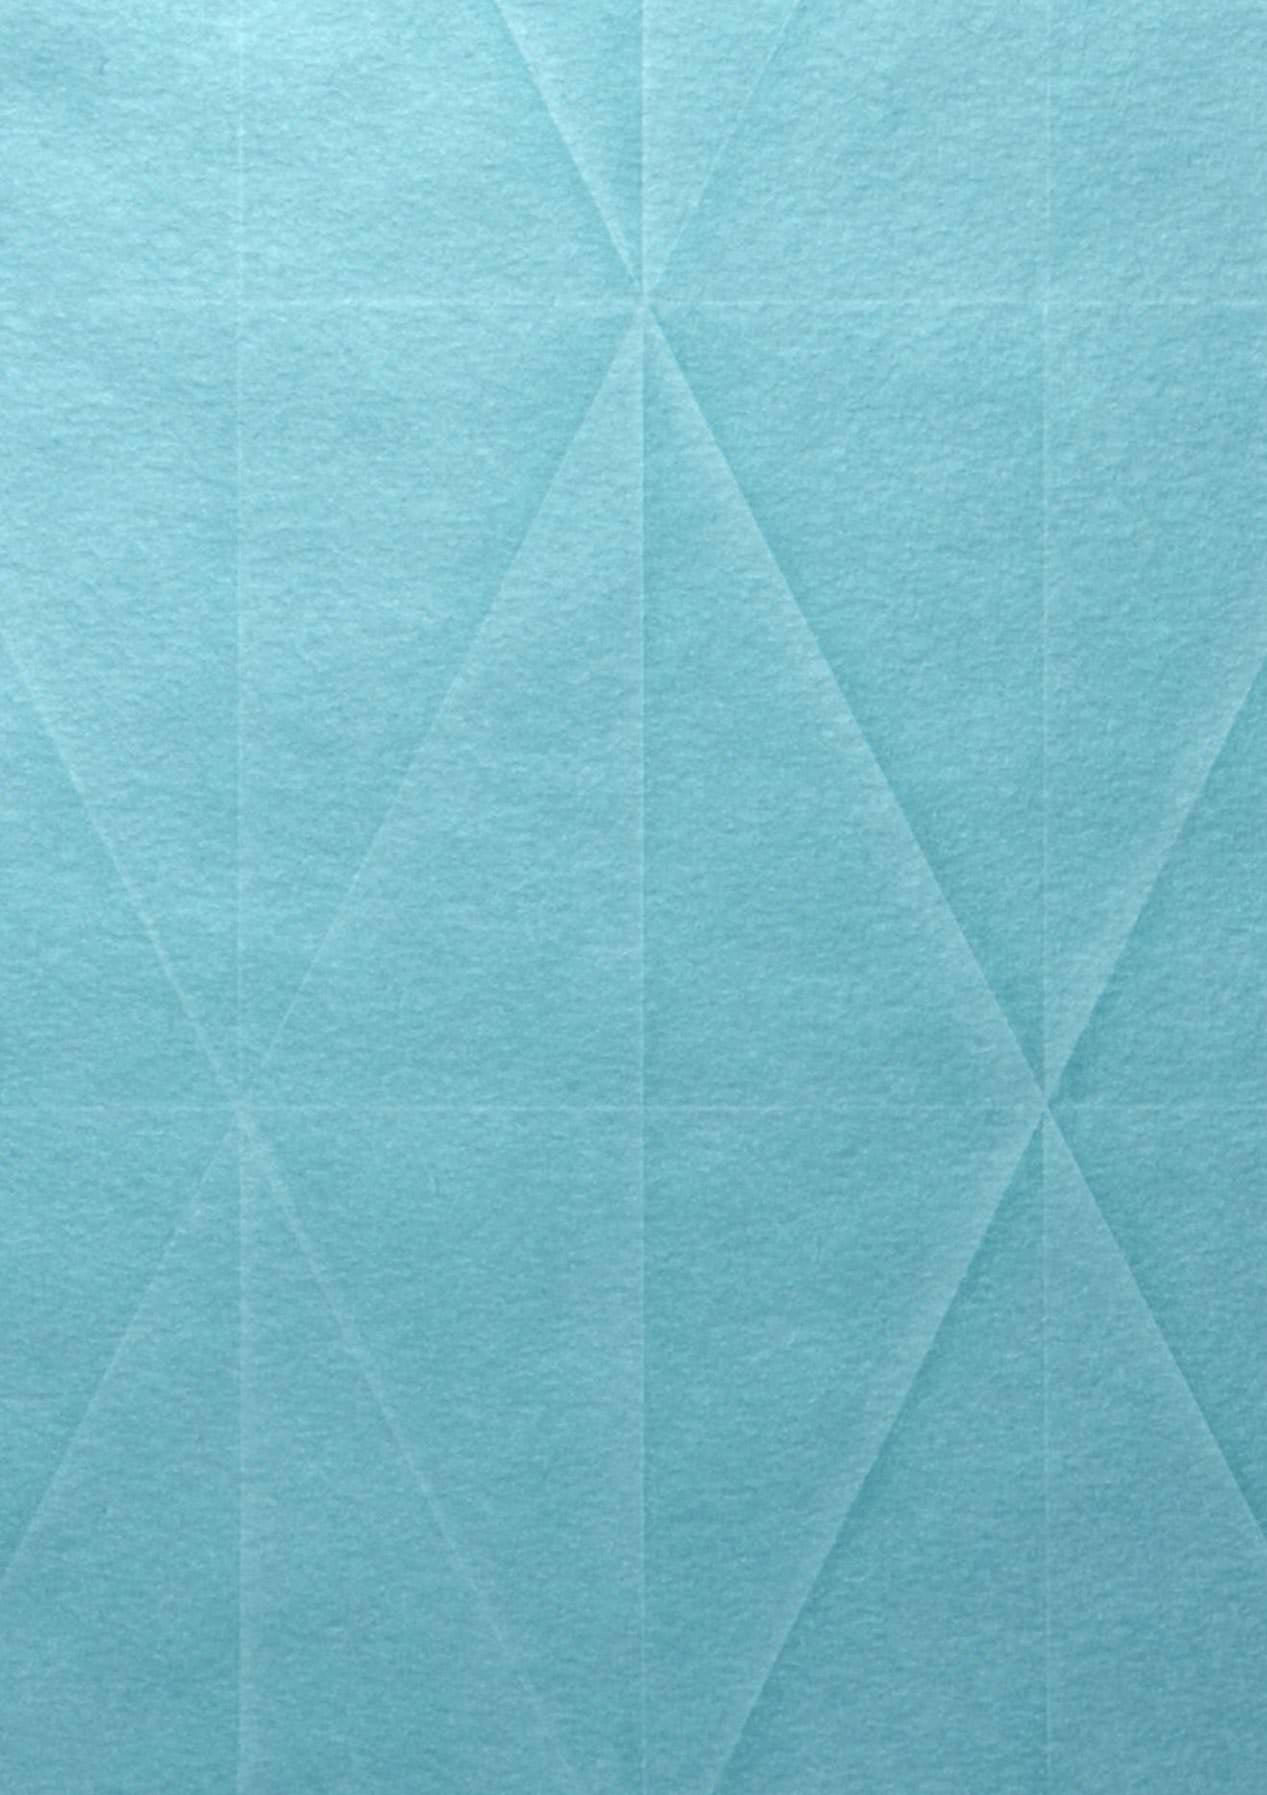 Origami bleu turquoise bleu turquoise papier peint graphique autres papiers peints - Papier peint bleu turquoise ...